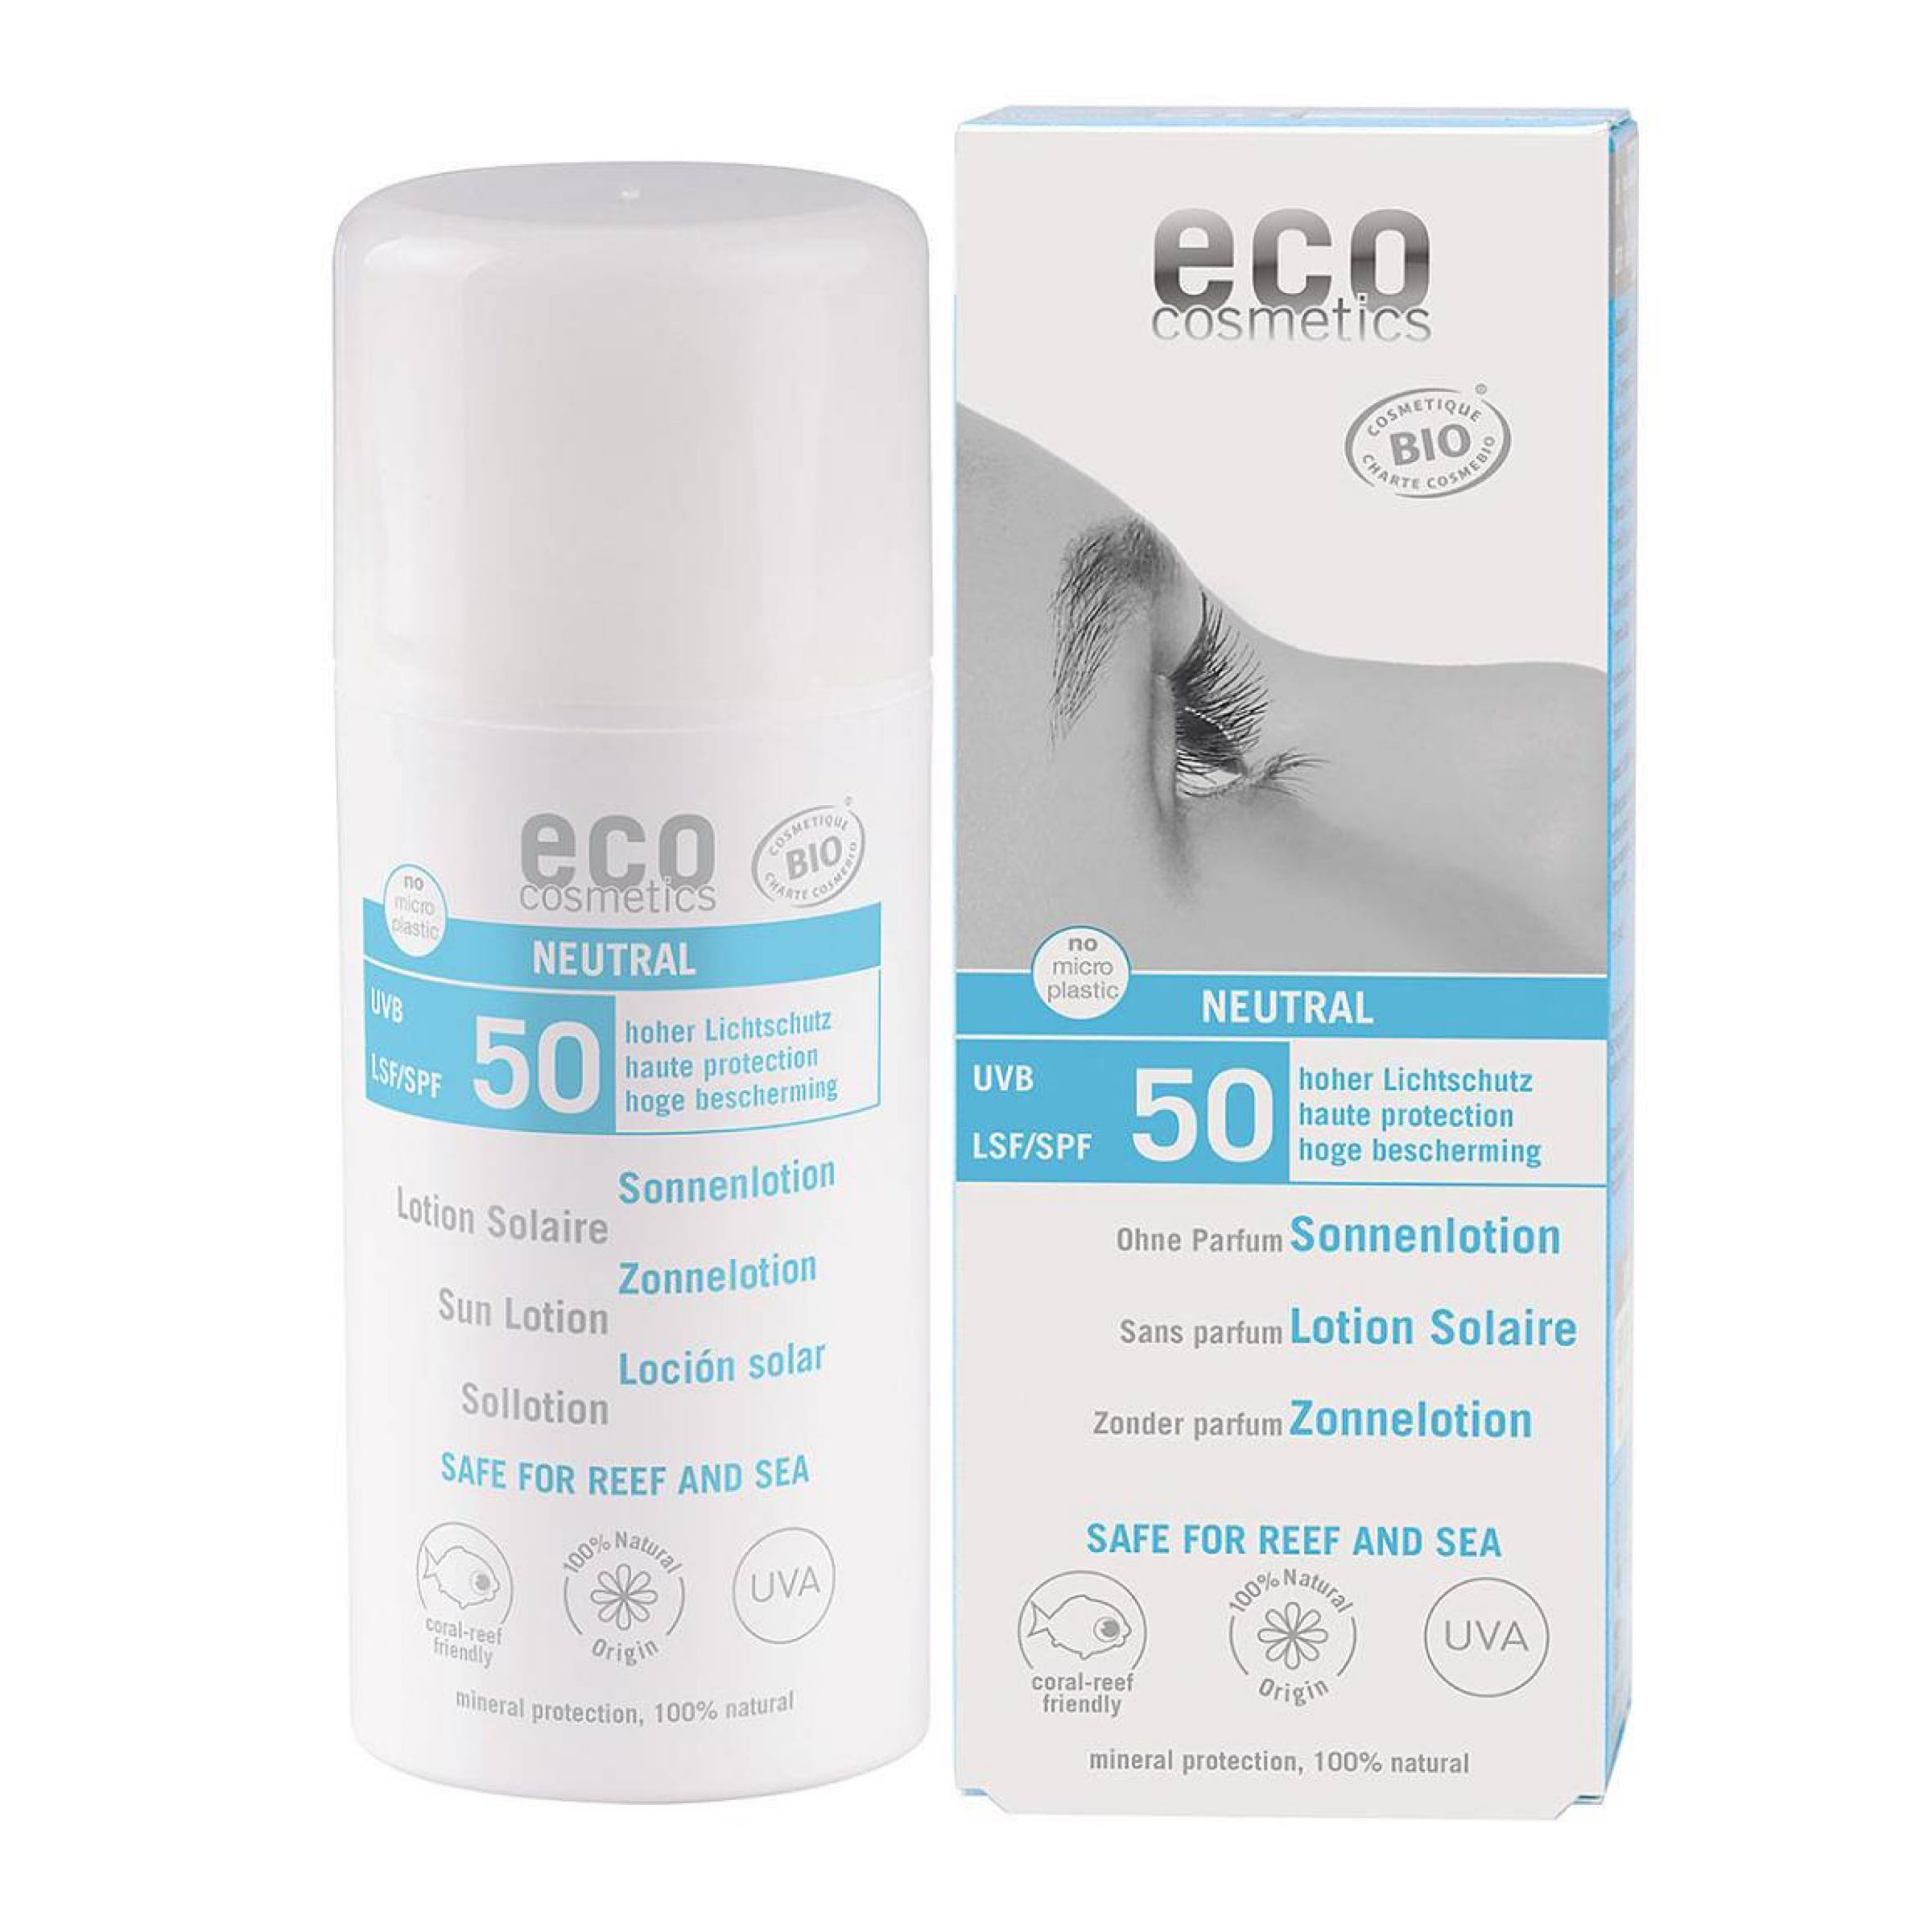 Eco Cosmetics Sollotion neutral SPF 50